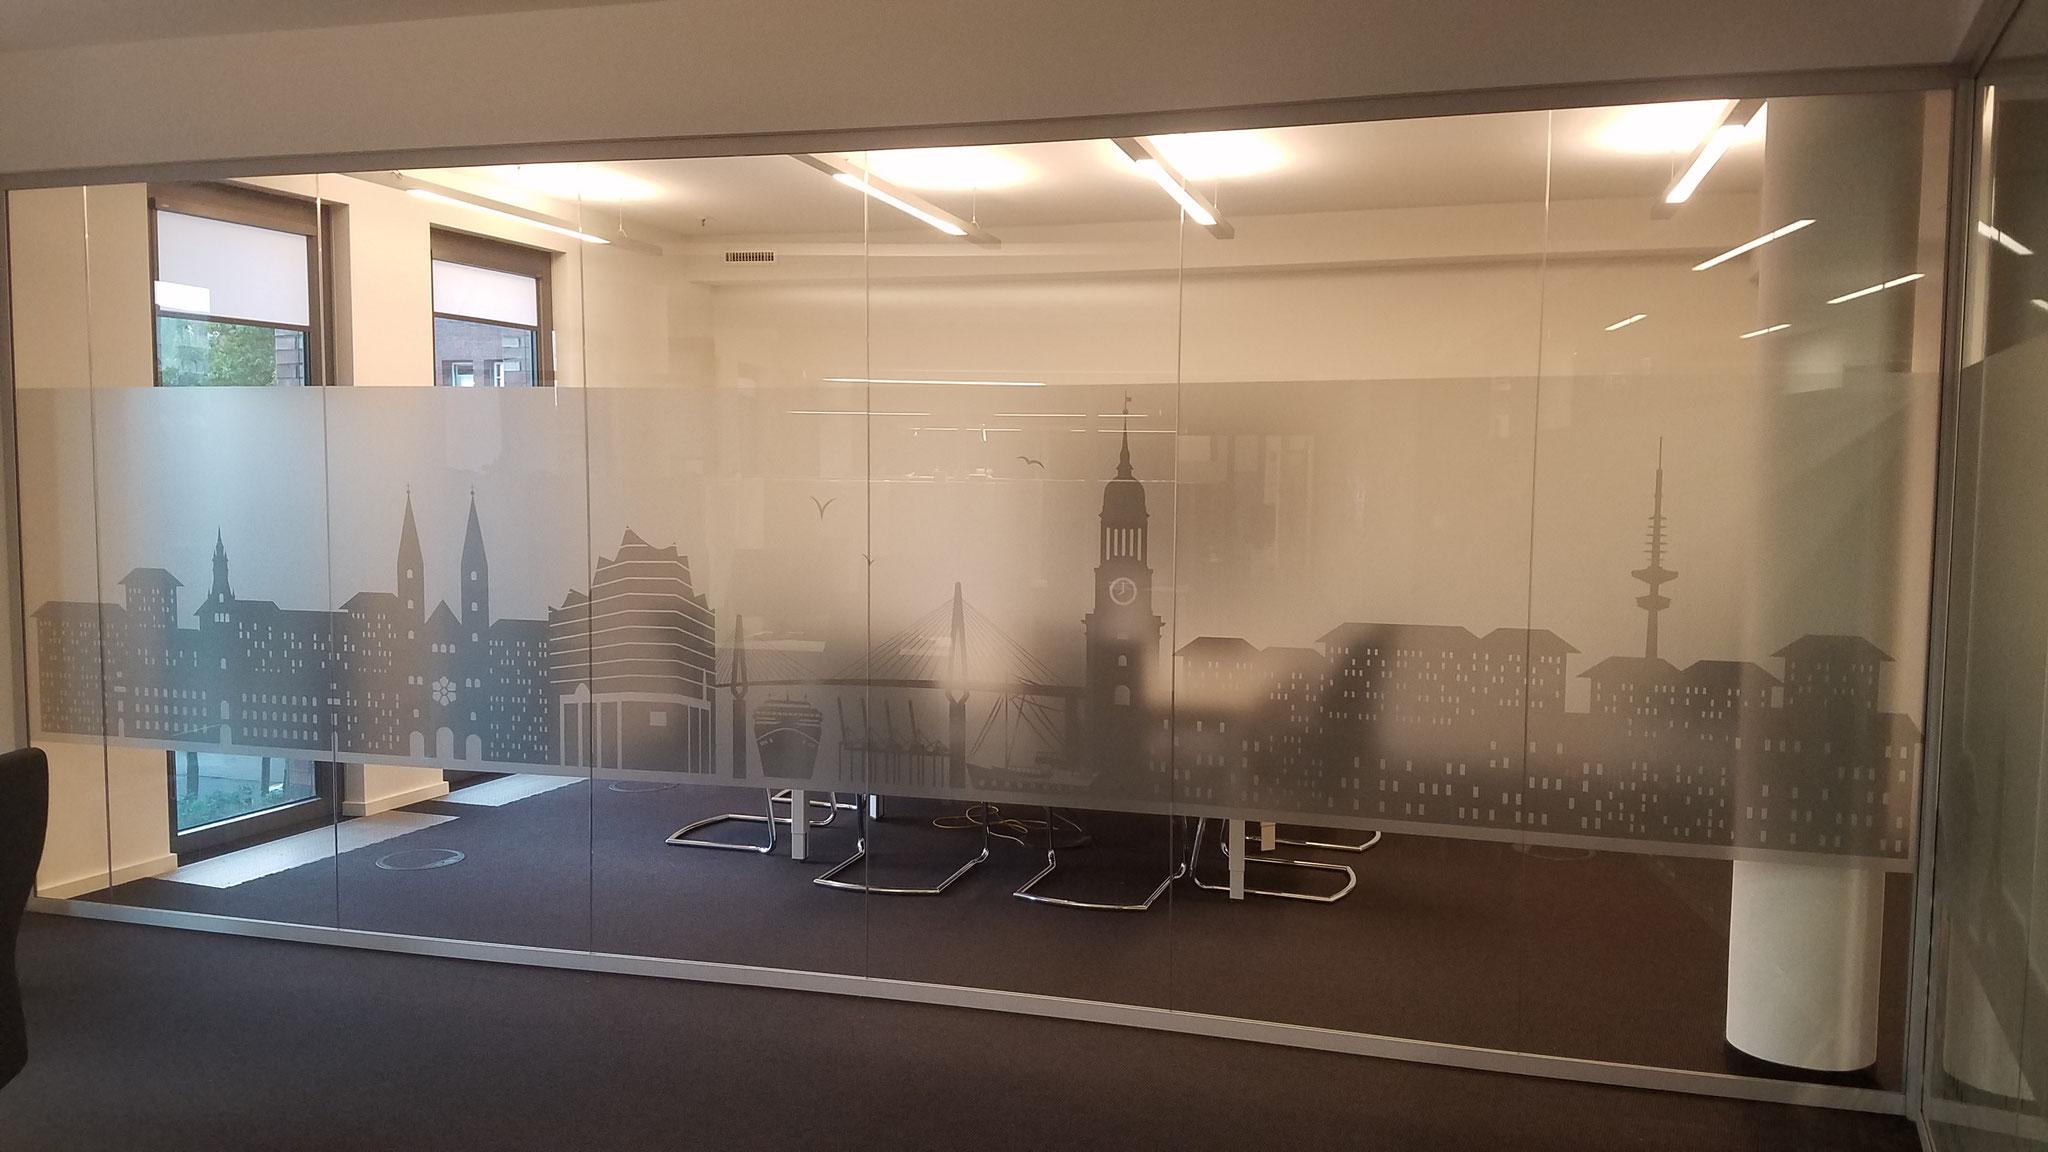 Digitaldruck auf Glasmattierungsfolie sorgt für schöne Effekte